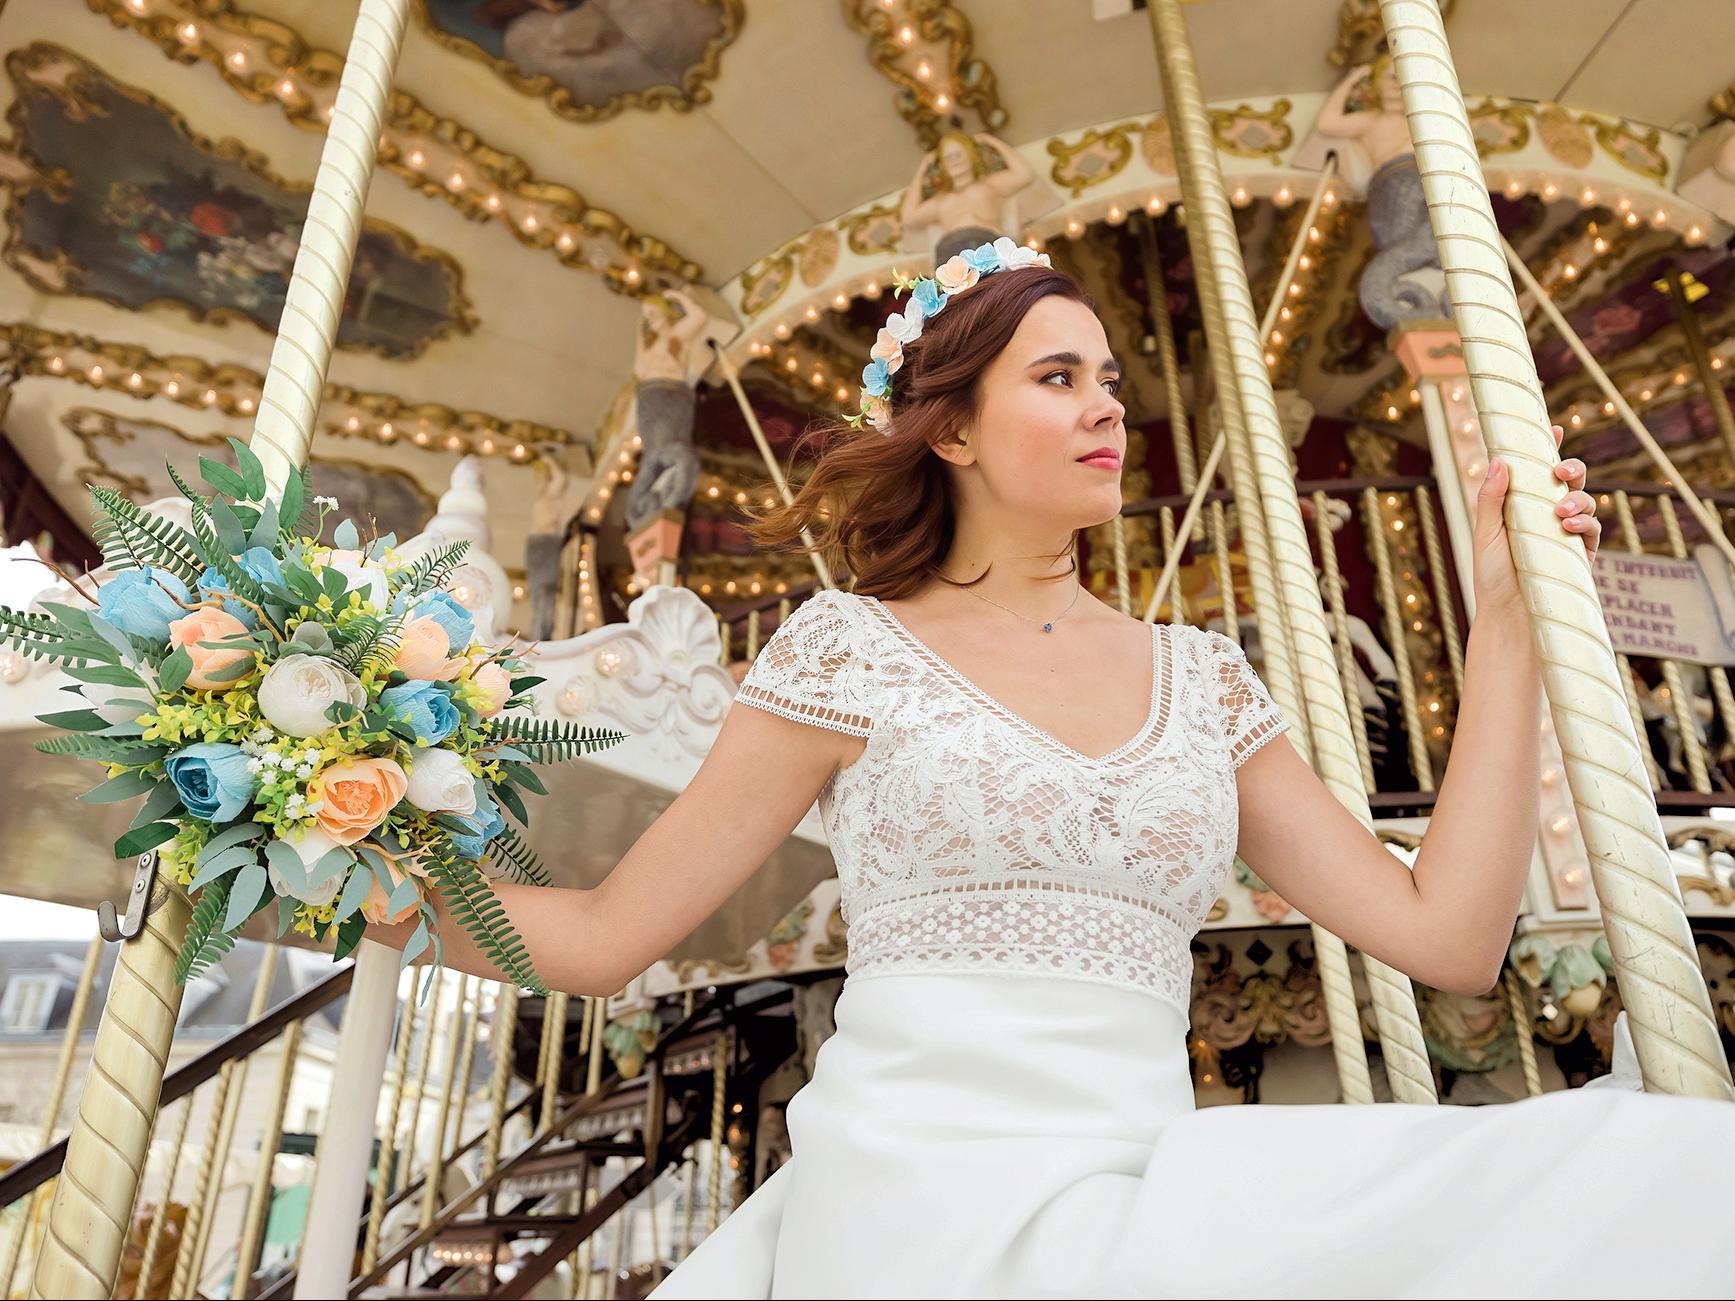 Mariage pastel bleu et vert dans un carrousel